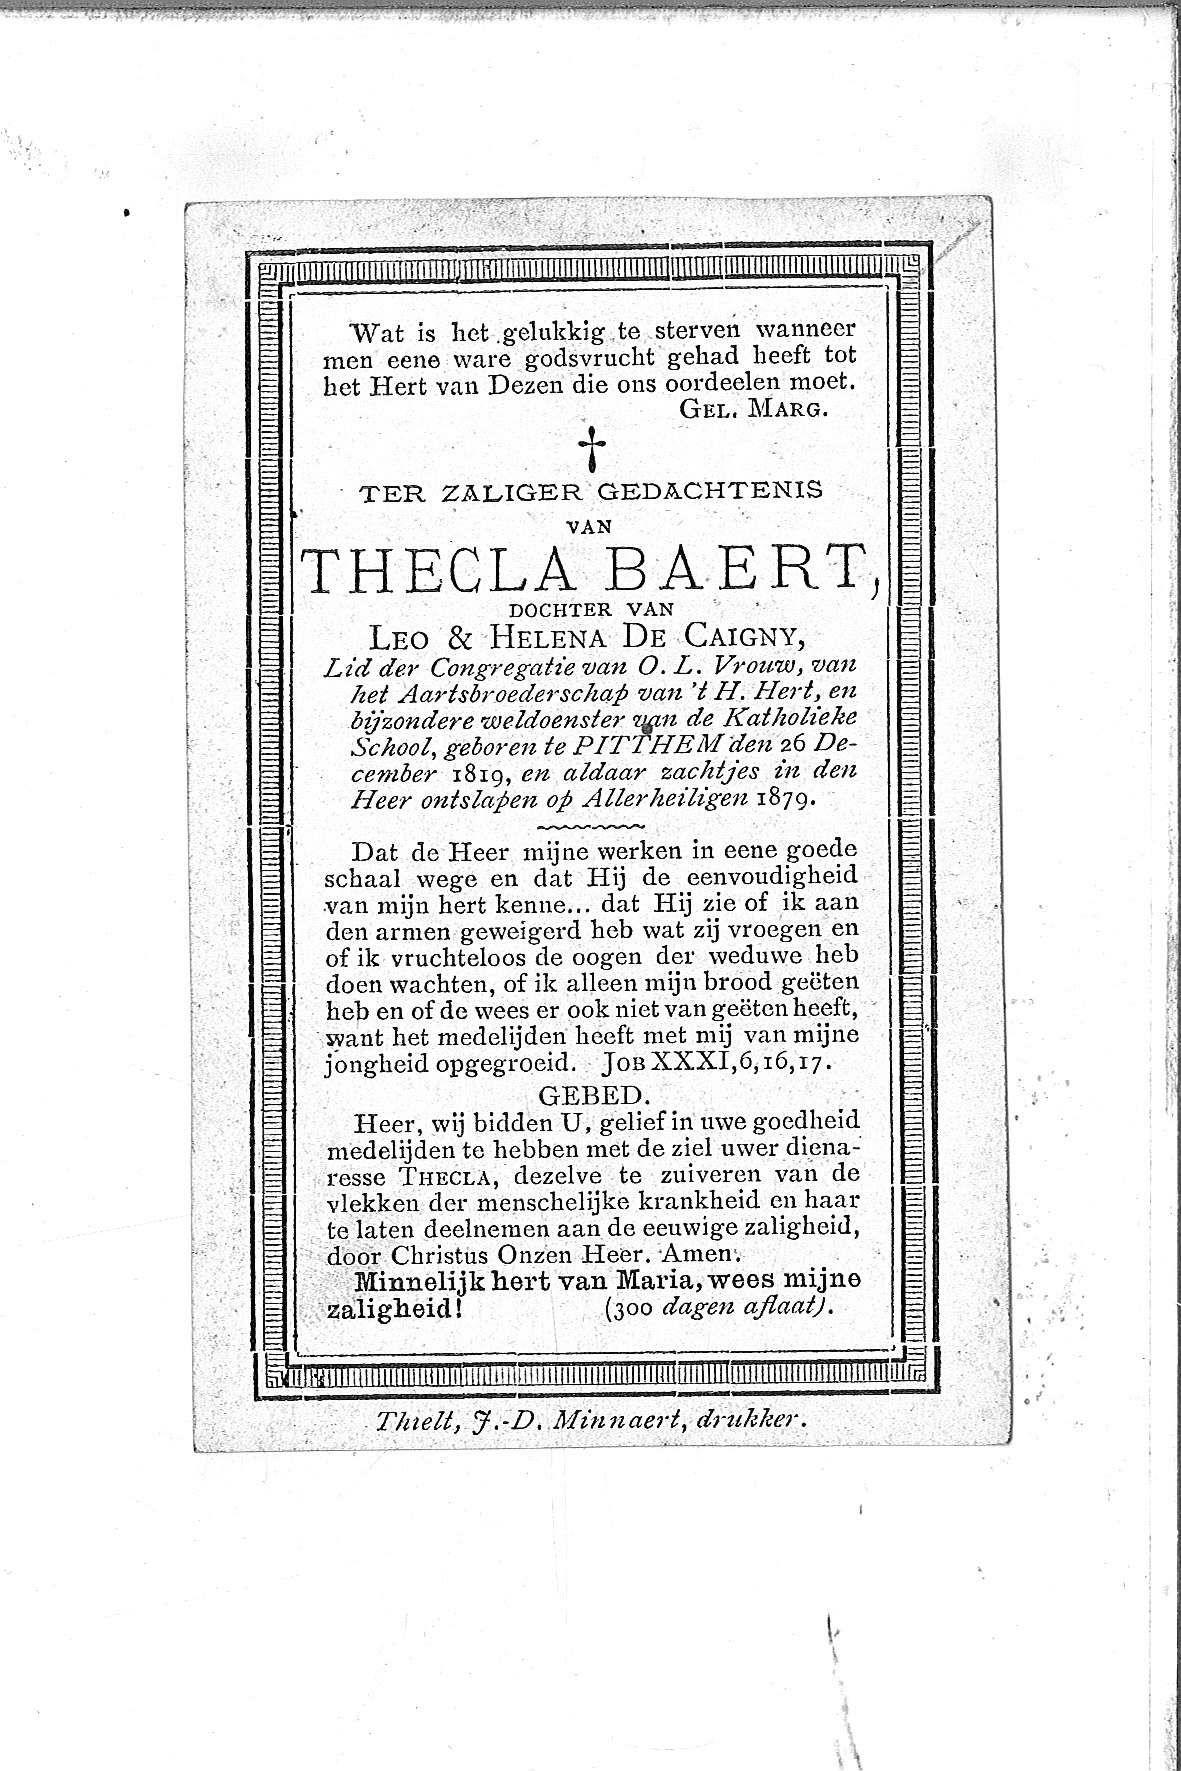 Thecla(1879)20140630130425_00149.jpg